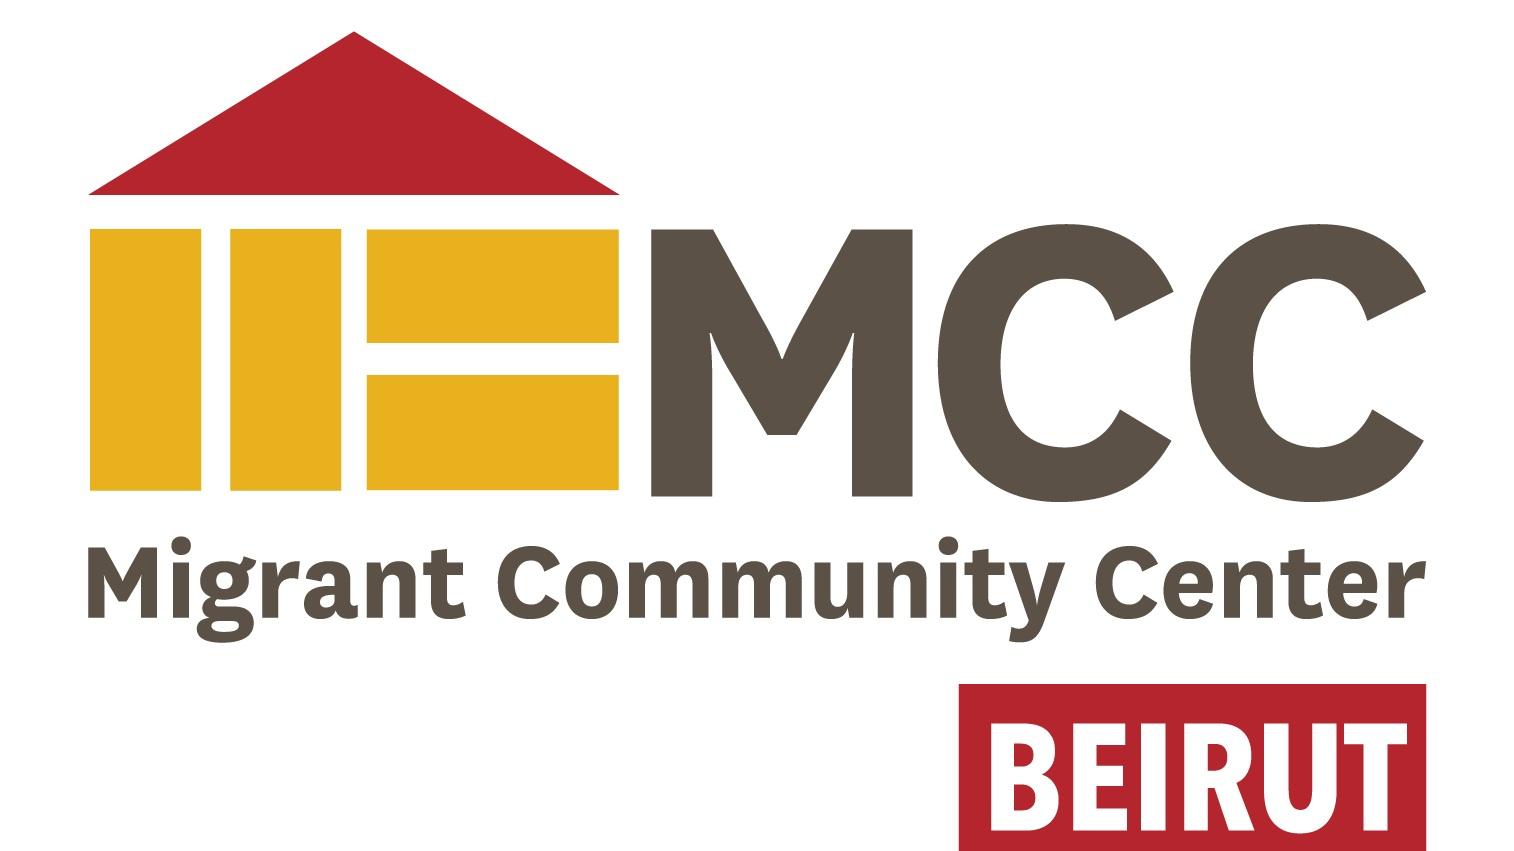 mcc_beirut_latin_logo.png